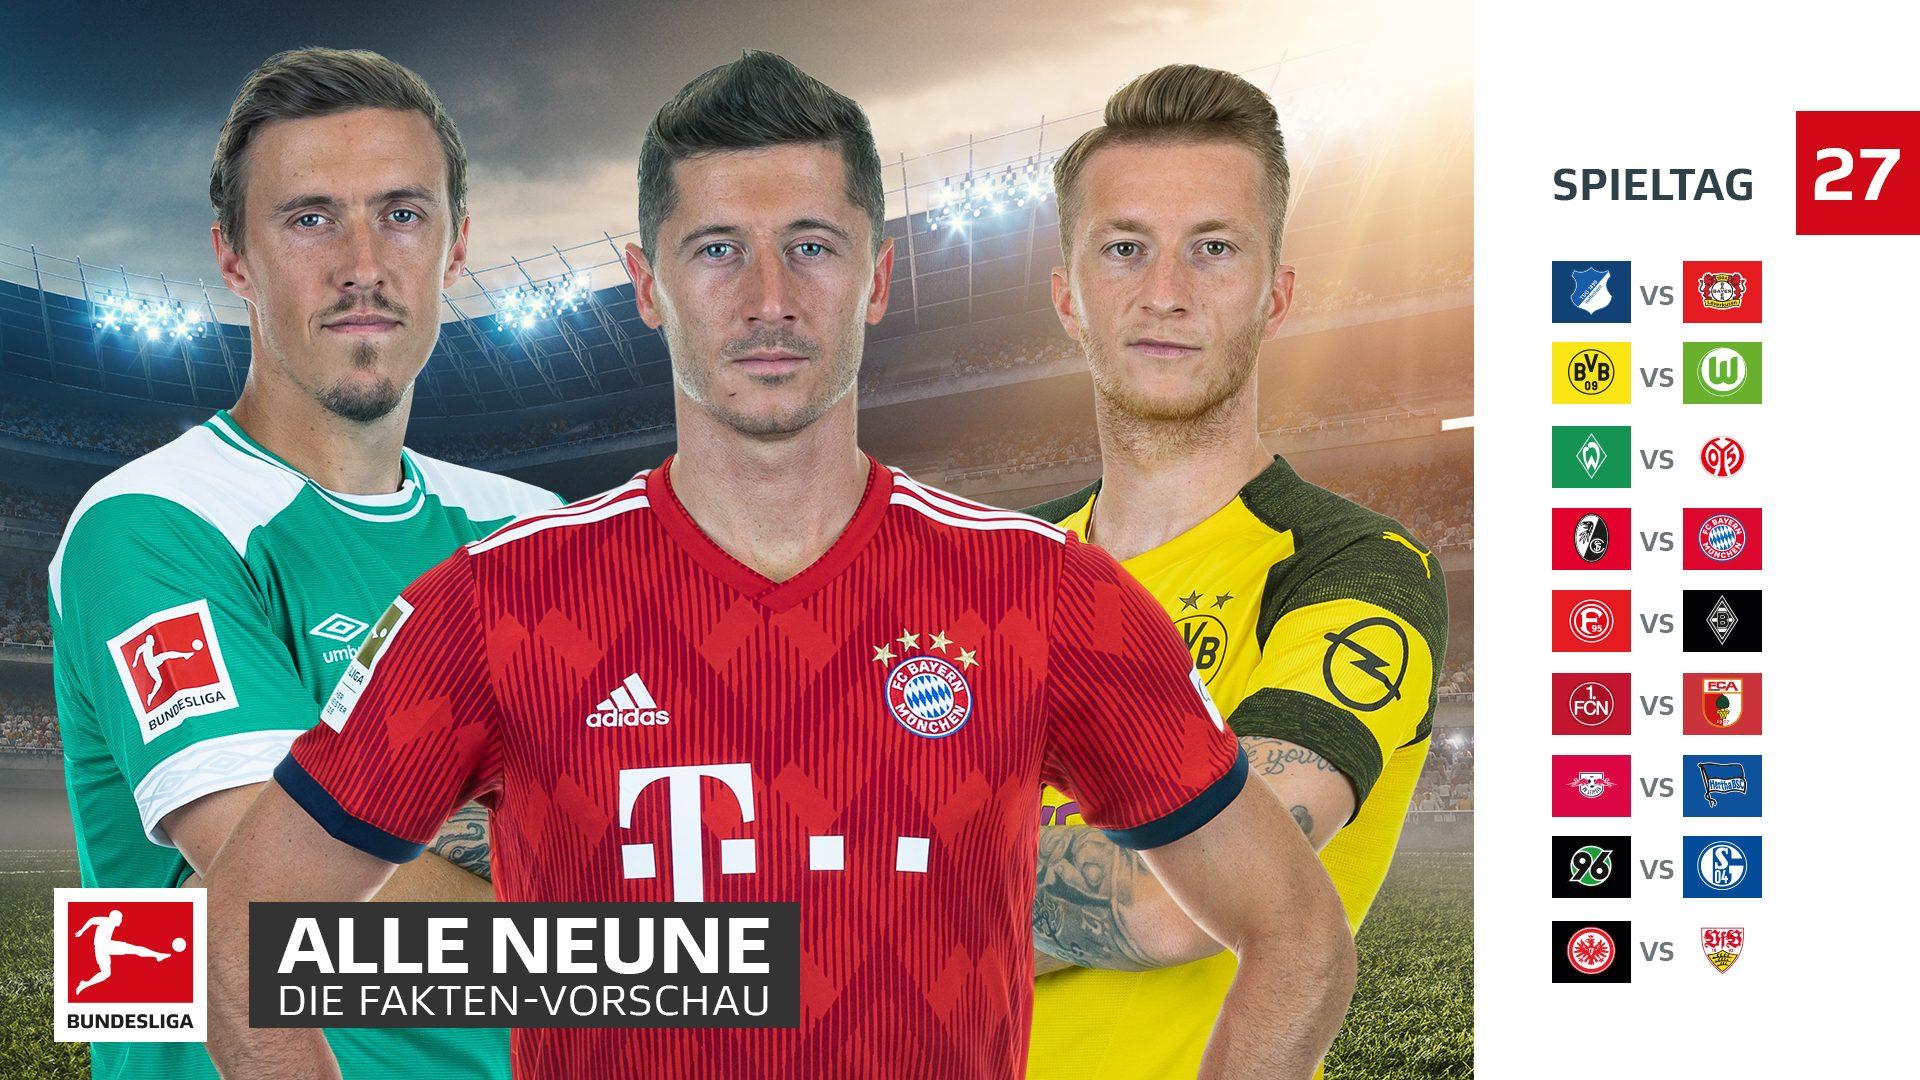 27 Spieltag Bundesliga